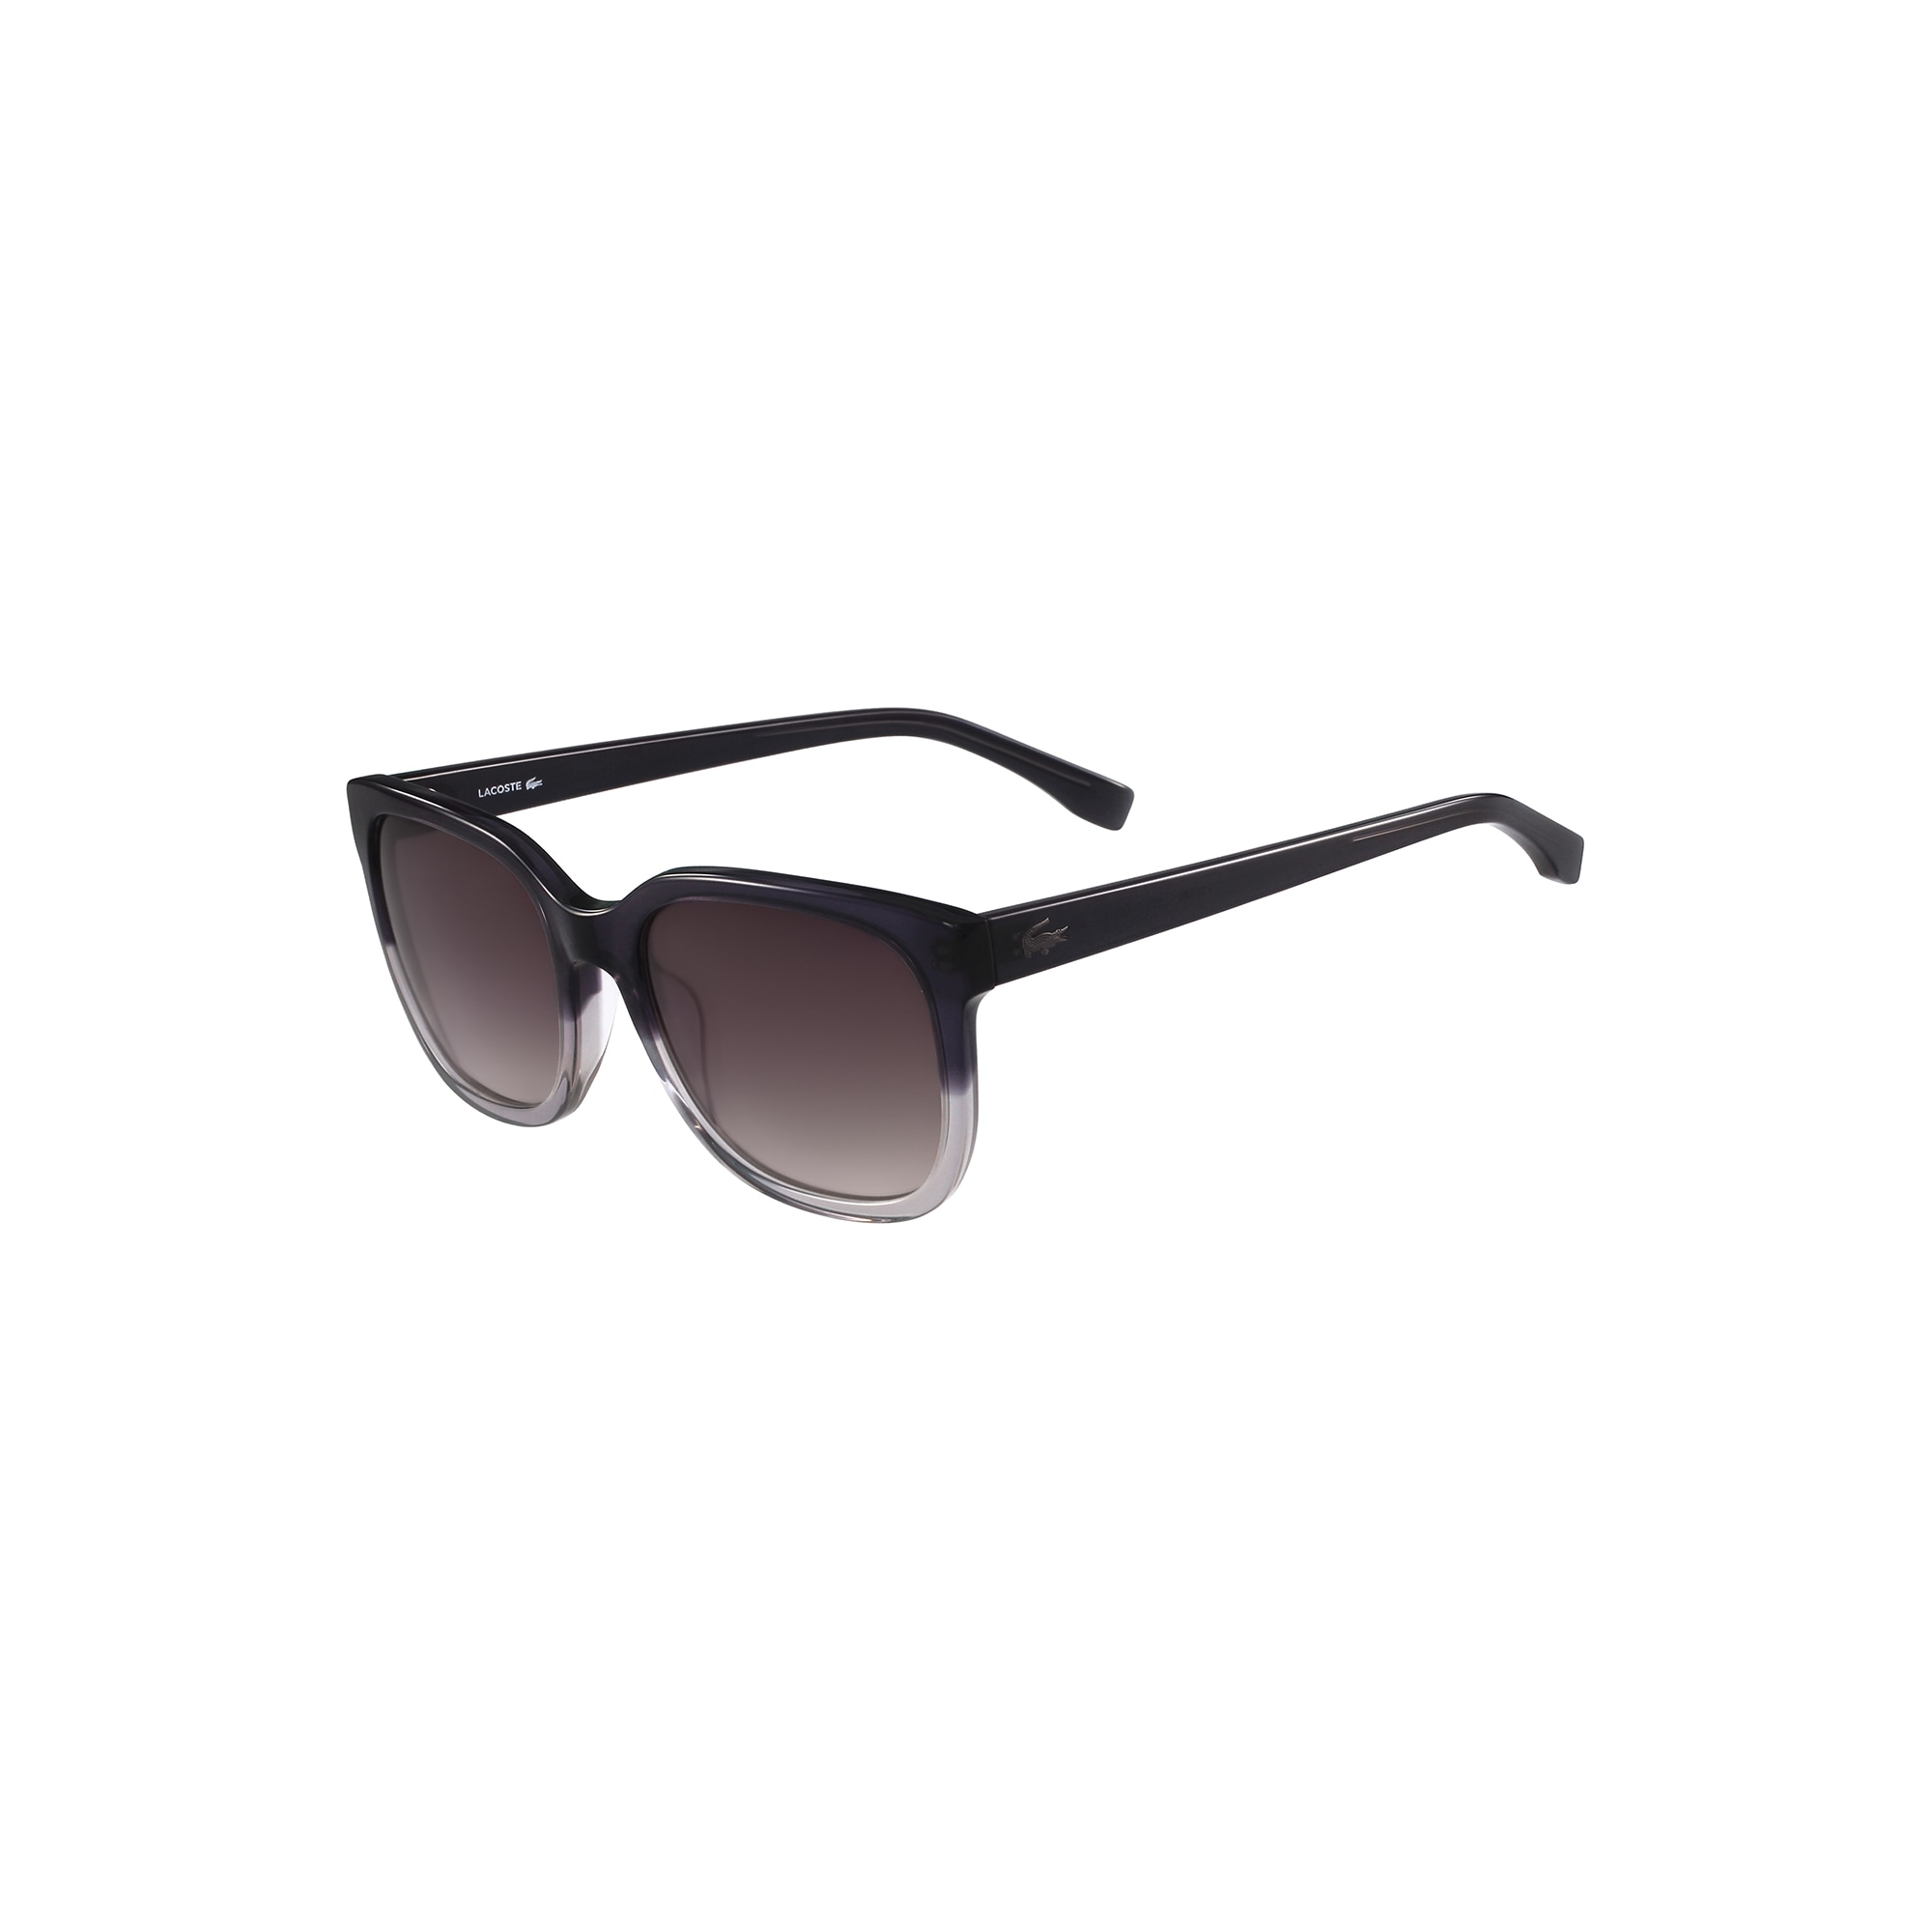 Women's Vintage Inspired Wayfarer Sunglasses